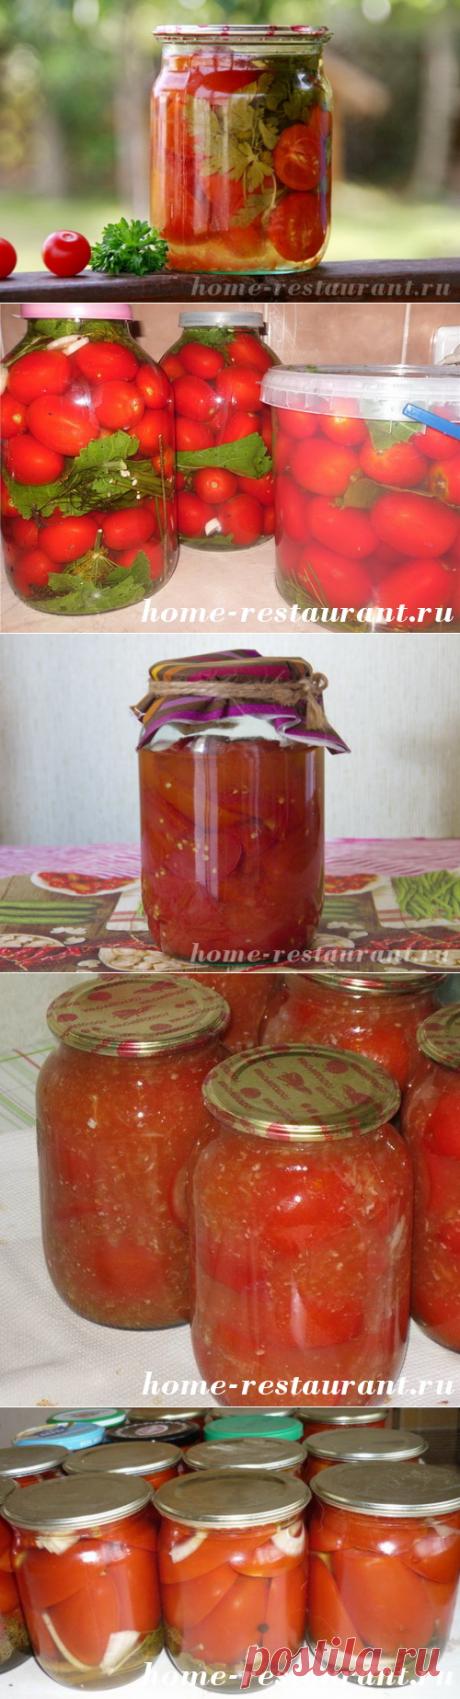 Заготовки на зиму из помидор: «Золотые рецепты» | Домашний Ресторан